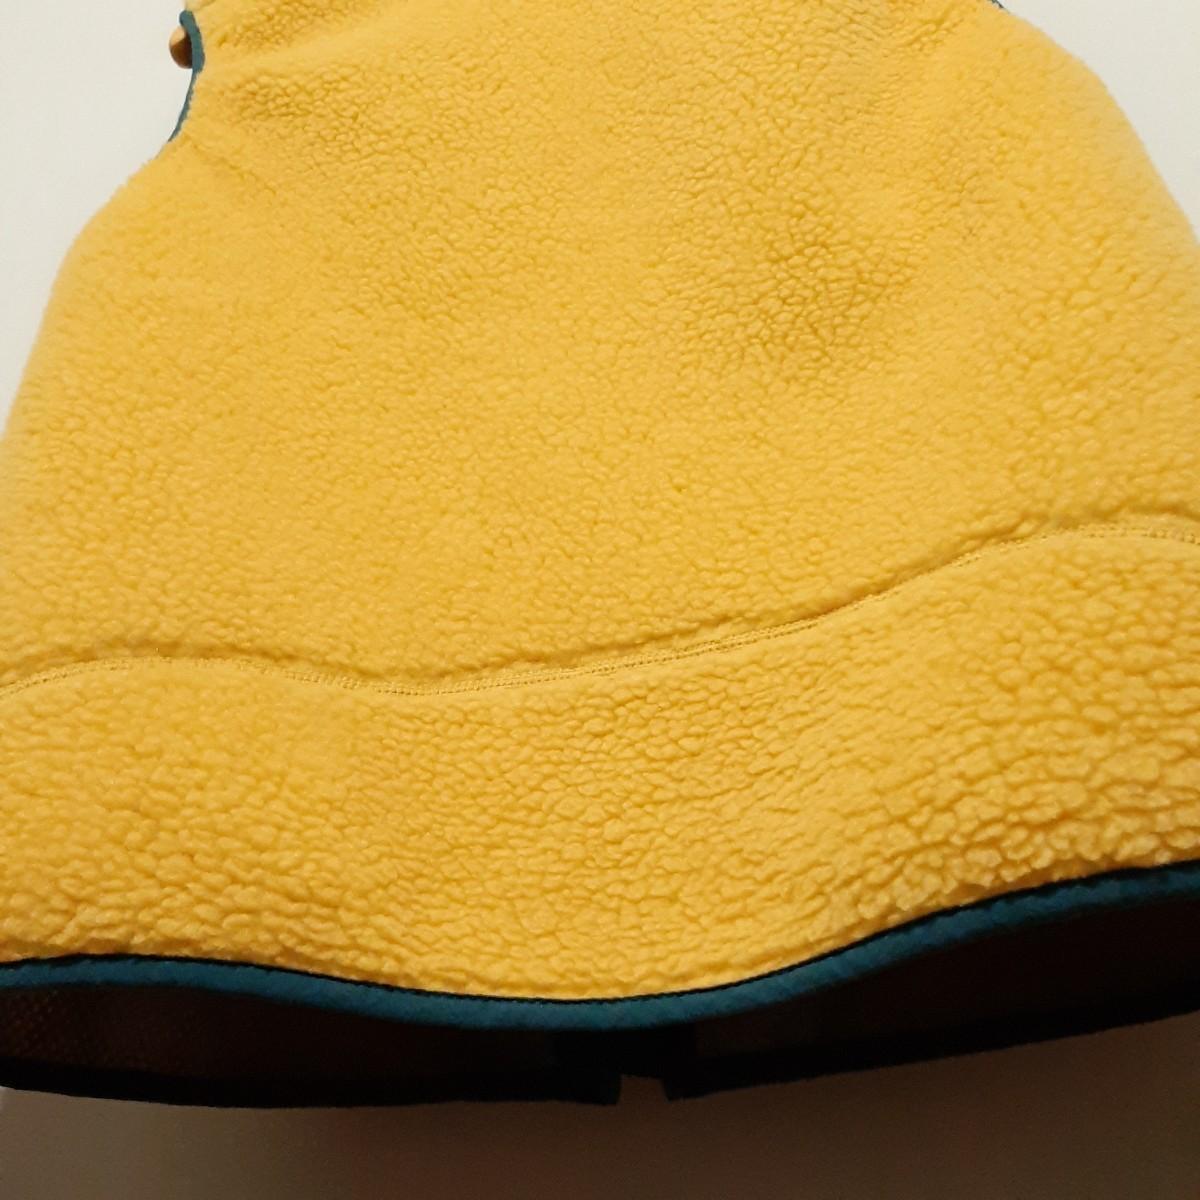 美品 メンズS パタゴニア クラシック レトロX ベストフリース ゴールド